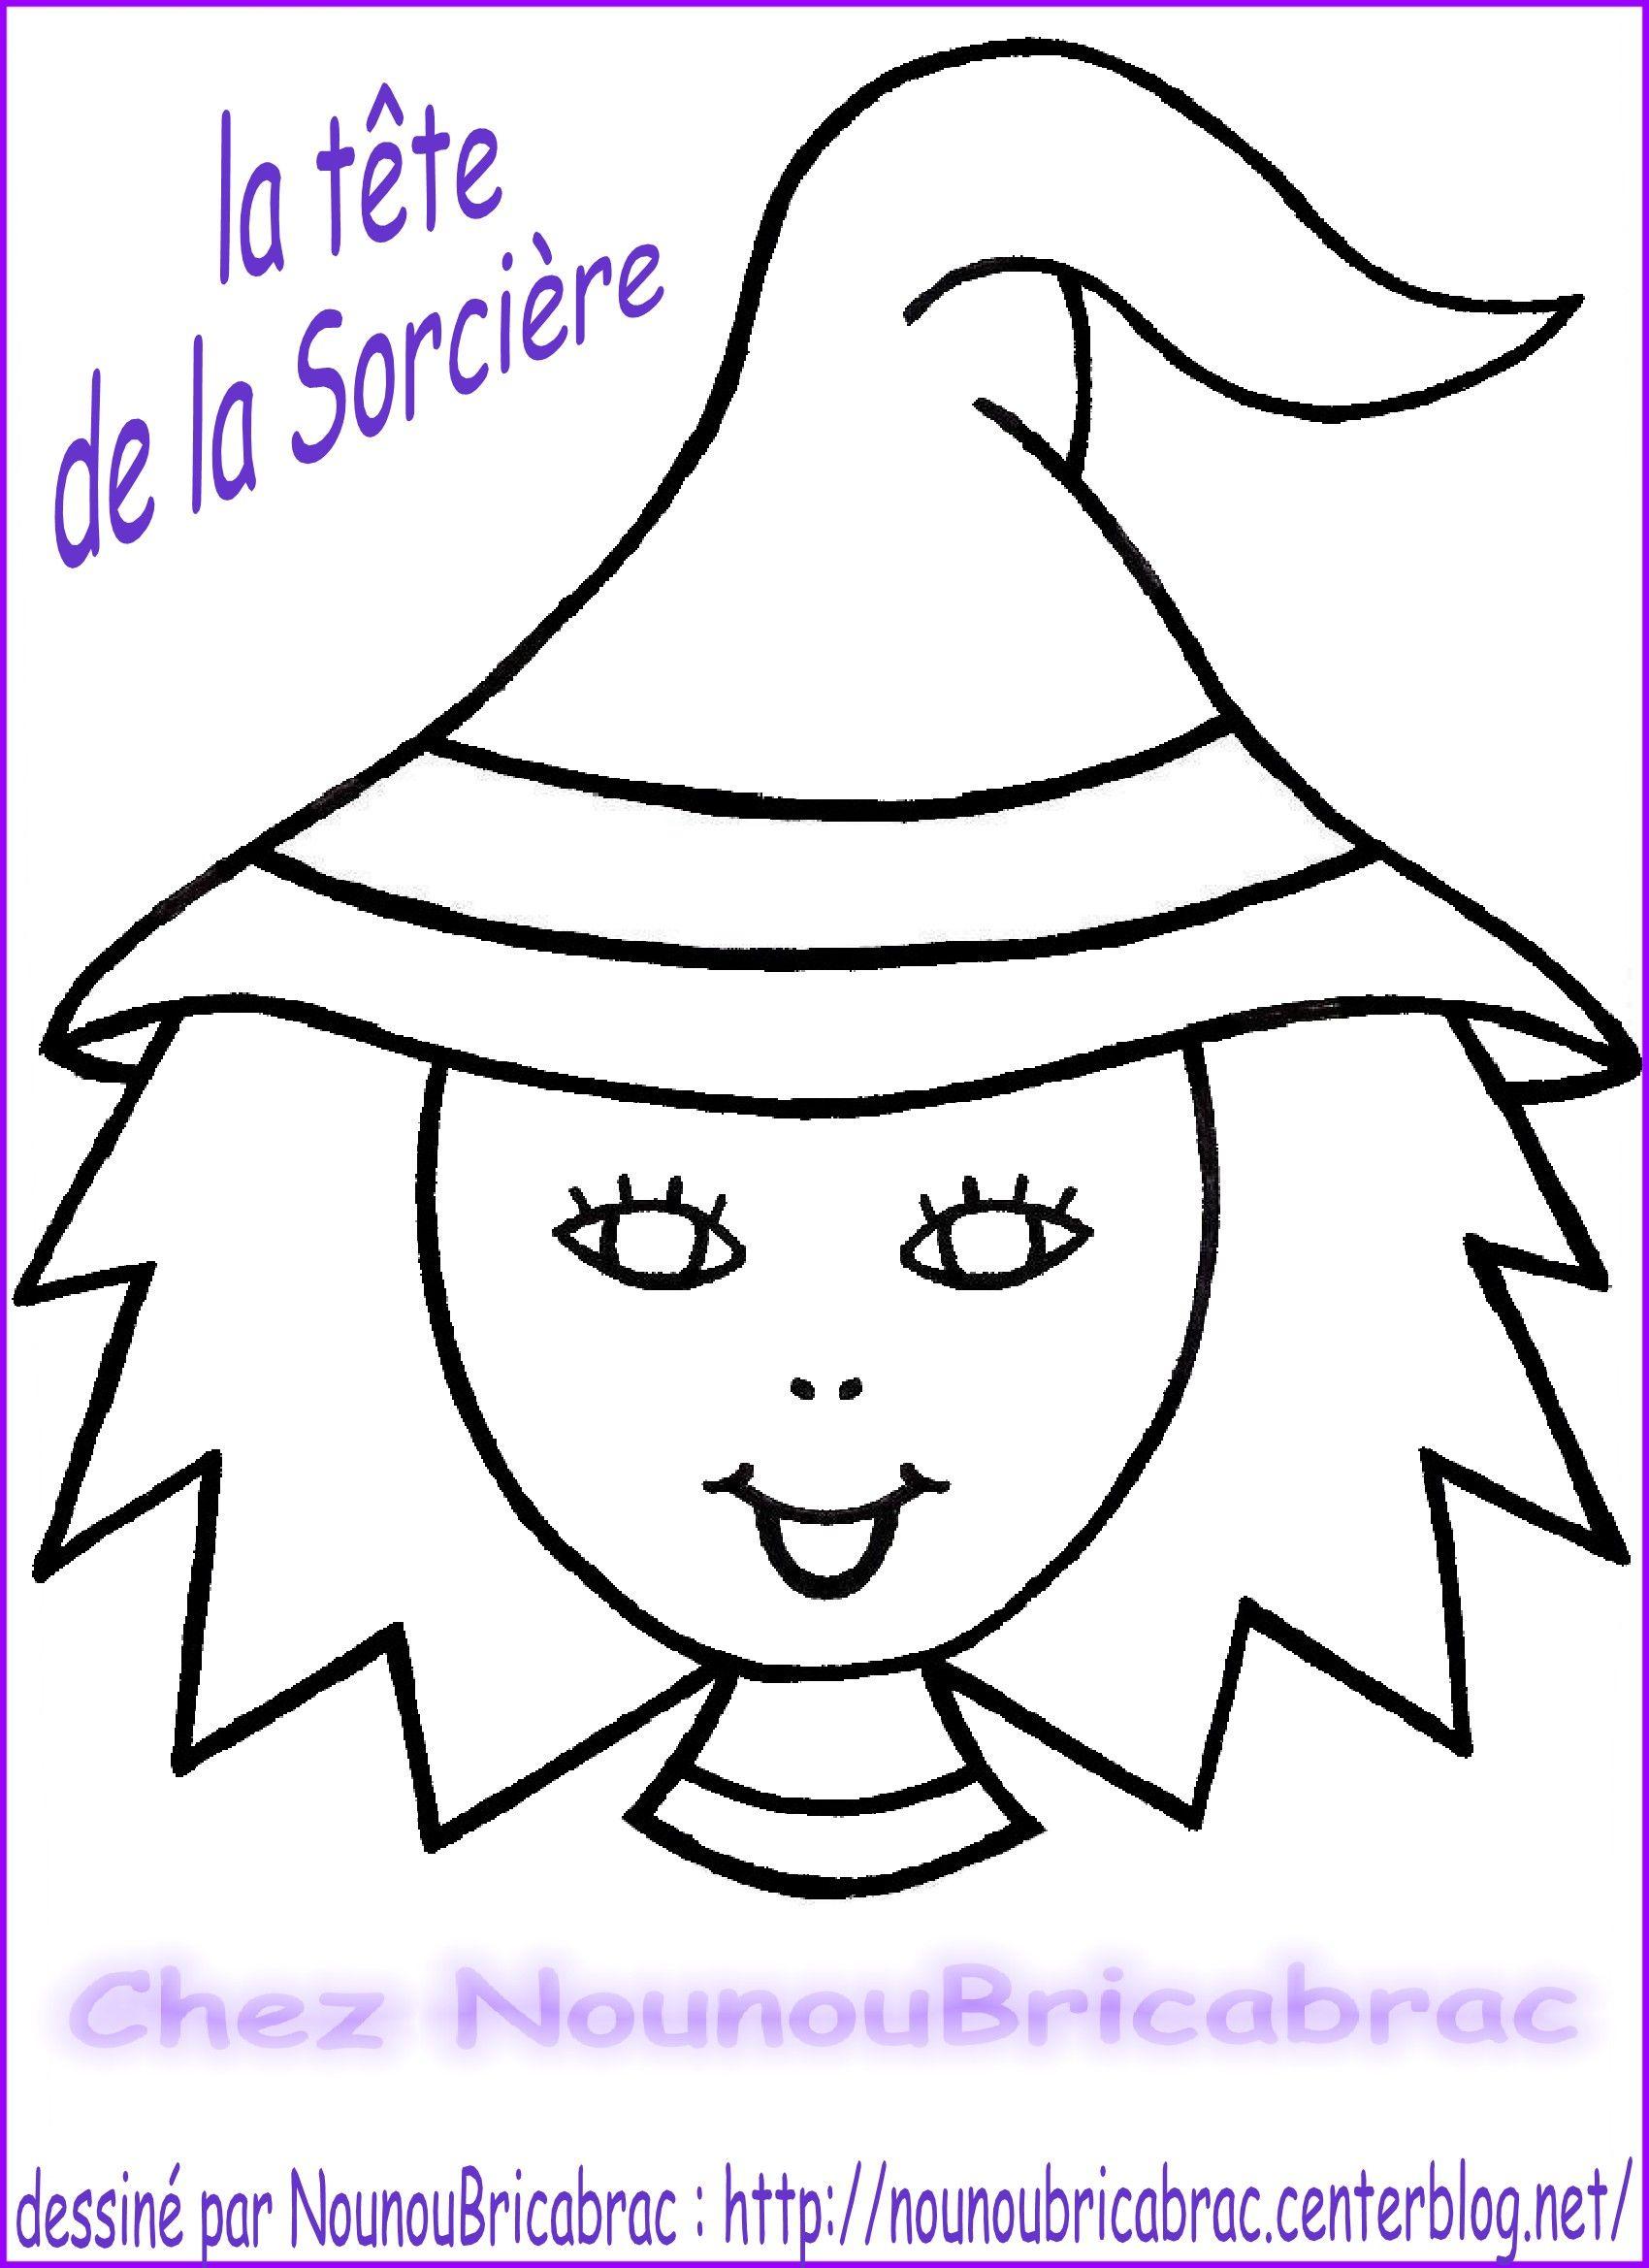 Marionnette : Sorcière d'Halloween... La Tête réalisée par Nounoubricabrac